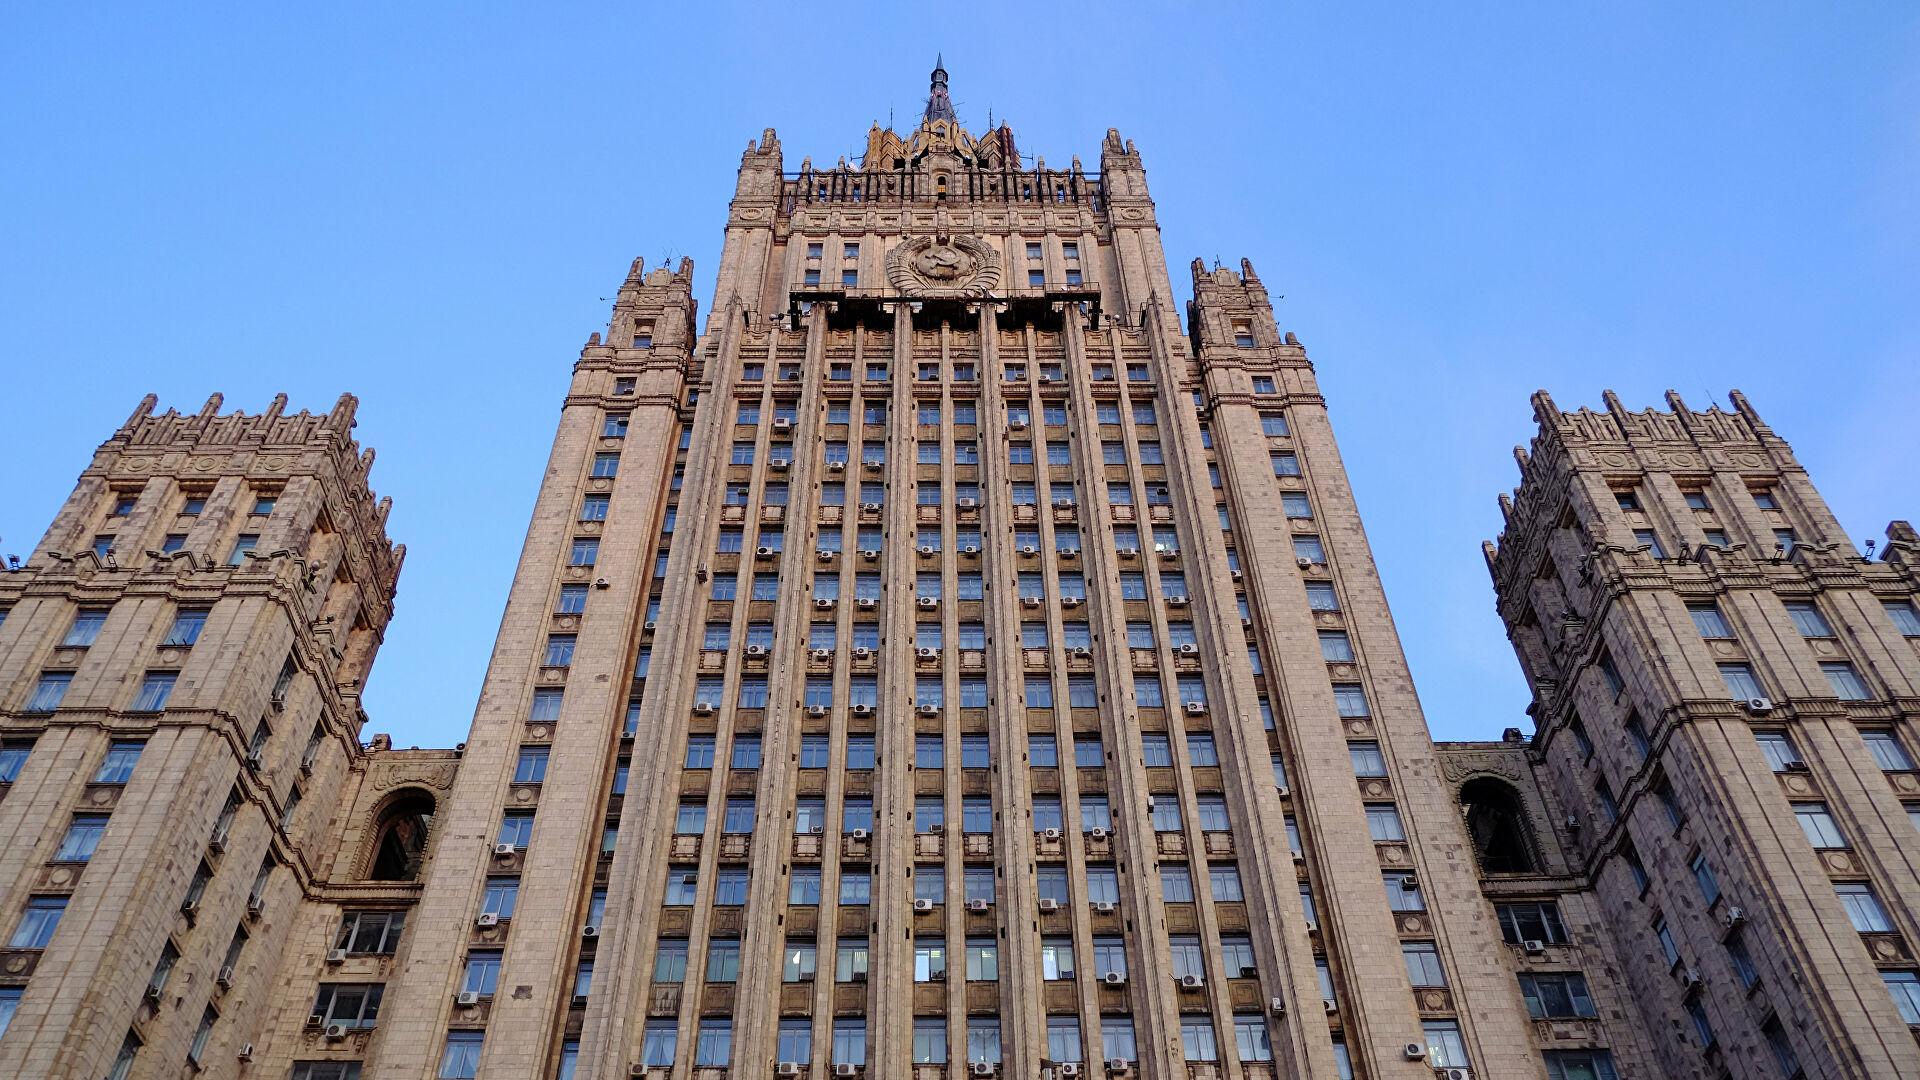 МИД РФвыразил протест временному поверенному вделах Украины из-за акций националистов